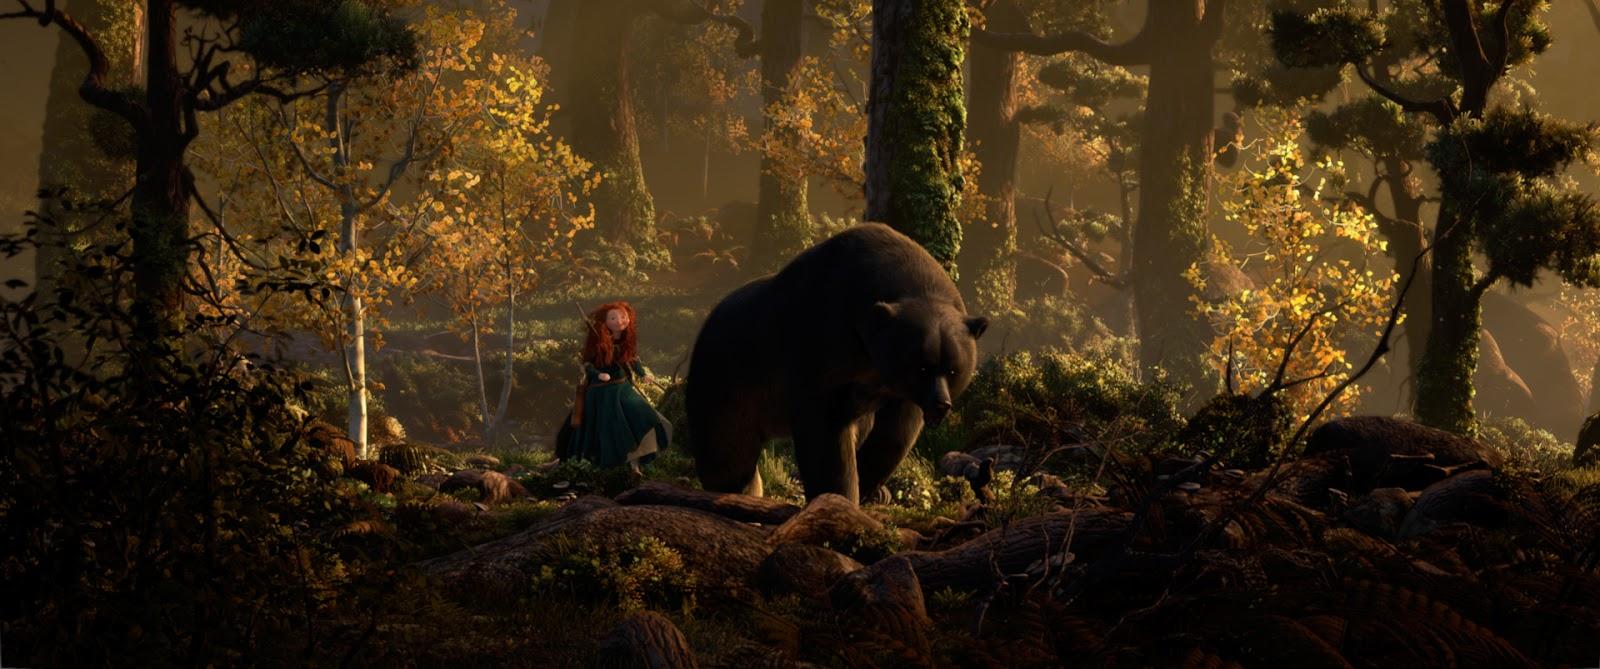 Extremamente As mais lindas imagens Disney   Blog dos Esquilos ML58